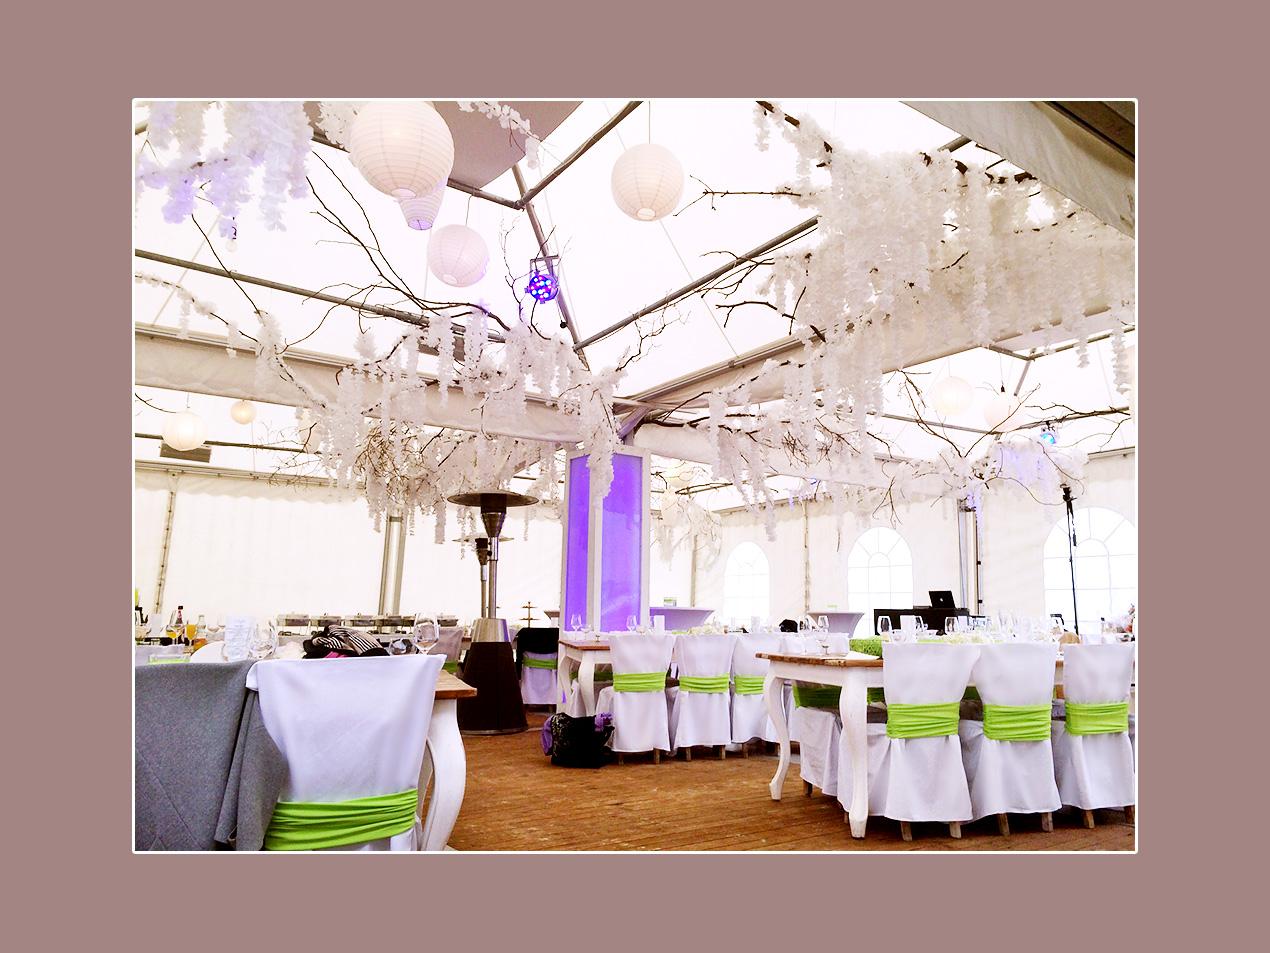 Asiatische Hochzeitsdeko - Hochzeitslocation Monberg in Monheim - Umgebung Düsseldorf